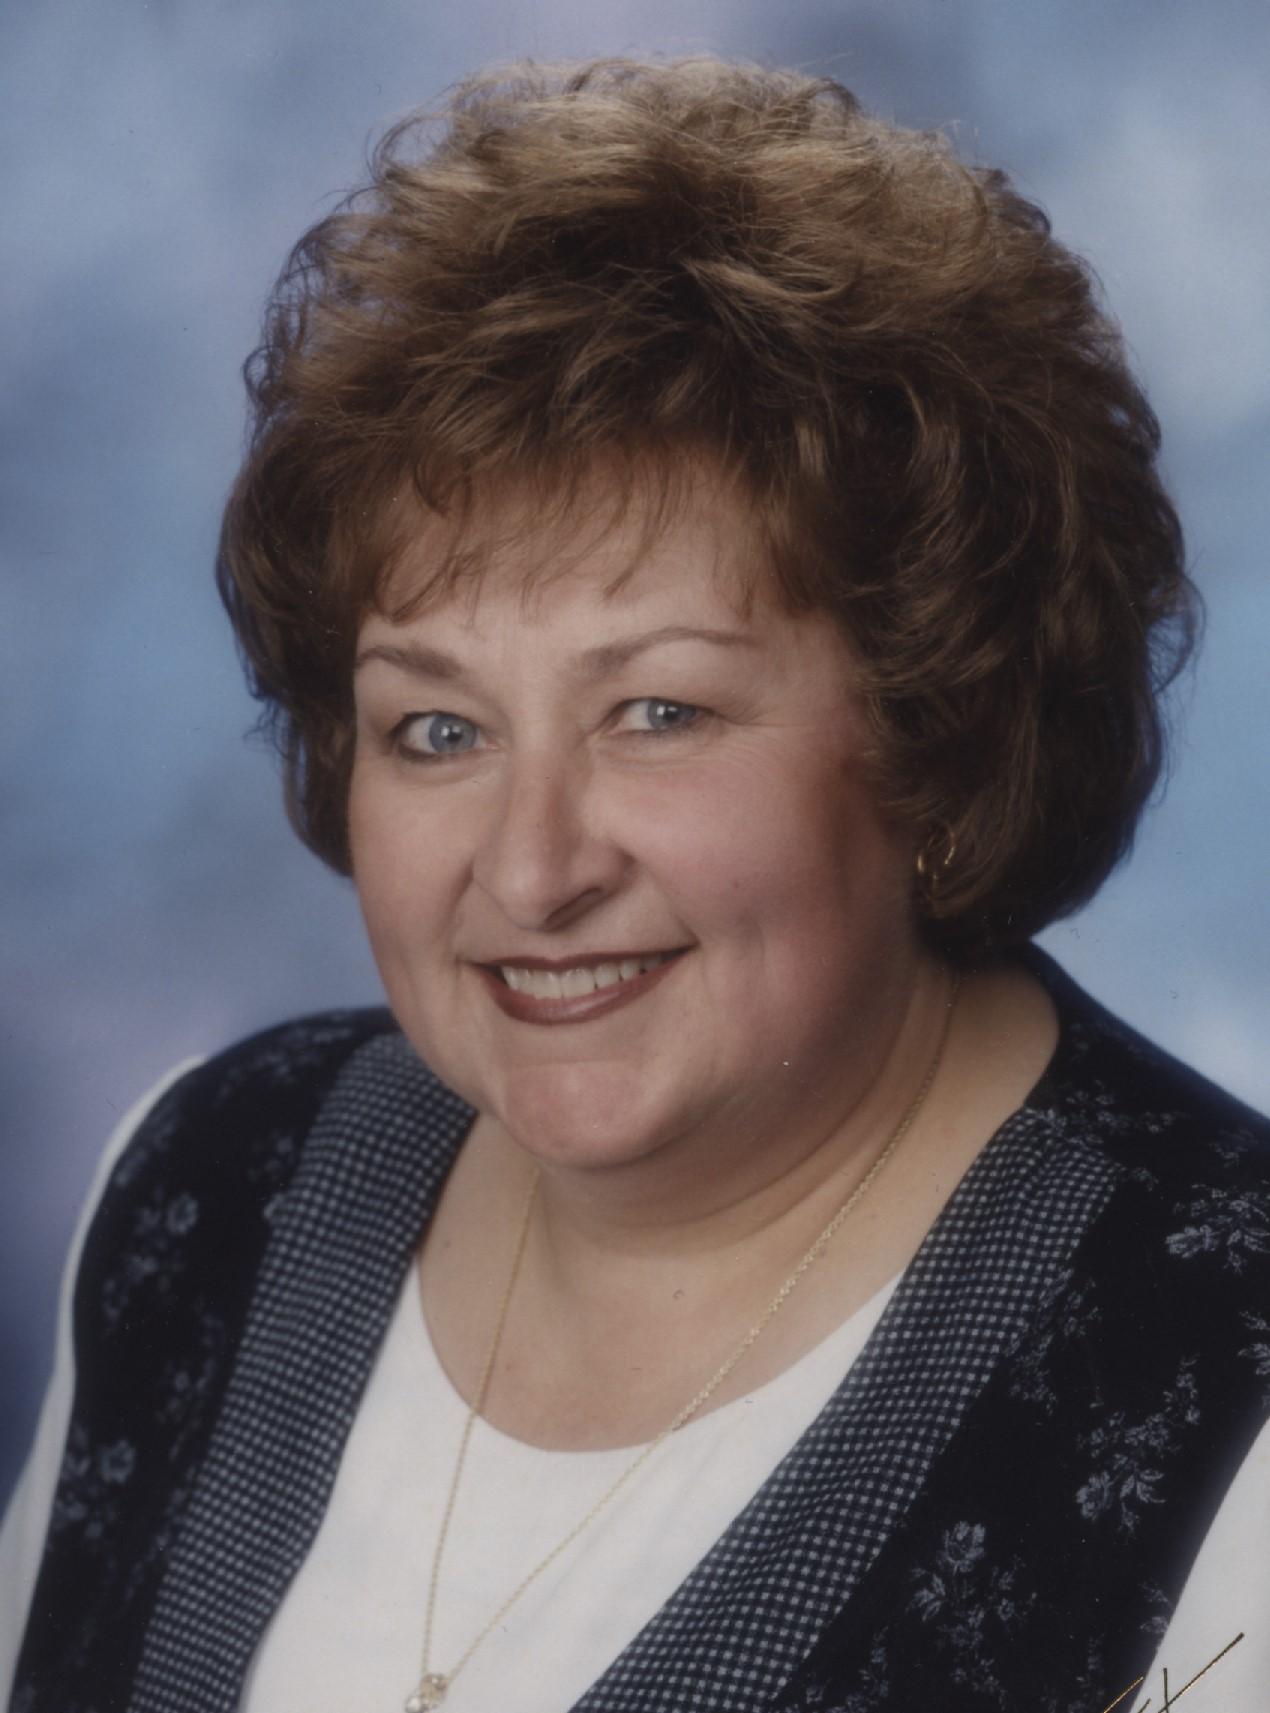 Patsy Lue Schmidt, age 72, of Jasper